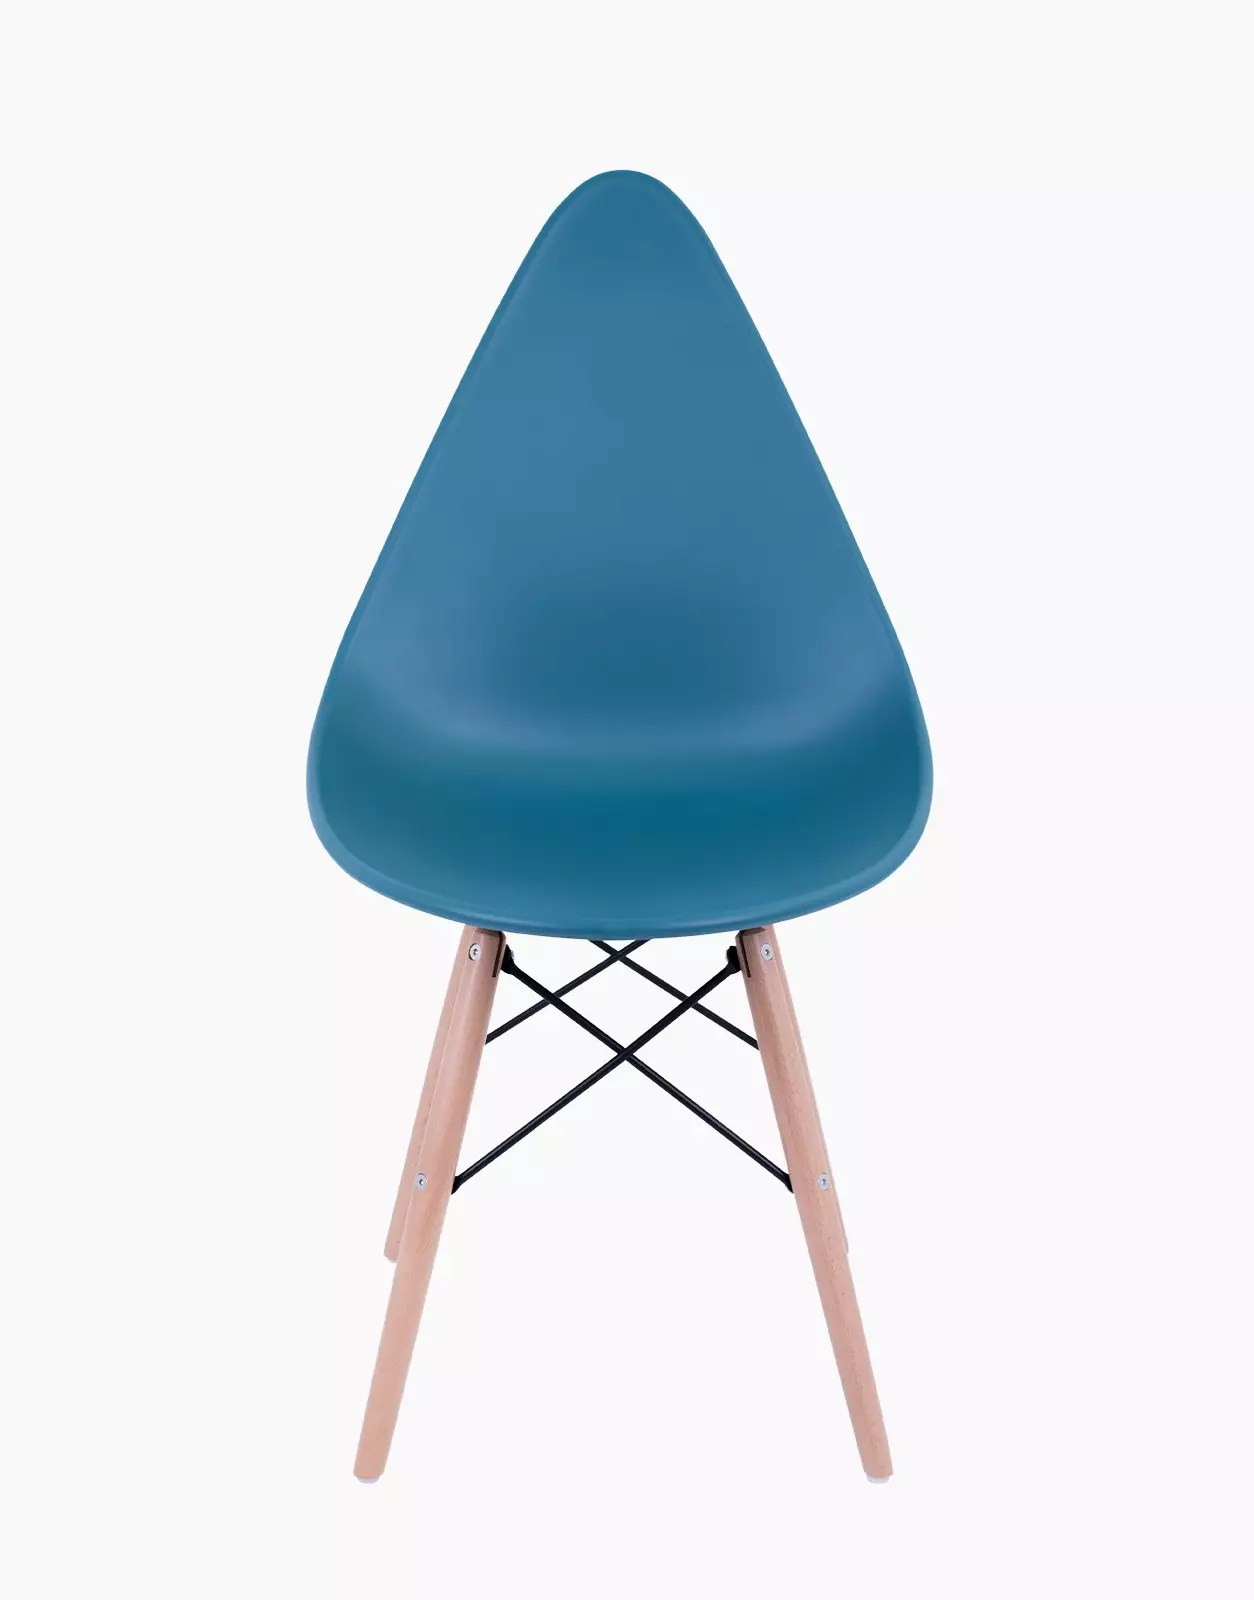 chaises gusto bleu canard lot de 4 vente en ligne de. Black Bedroom Furniture Sets. Home Design Ideas